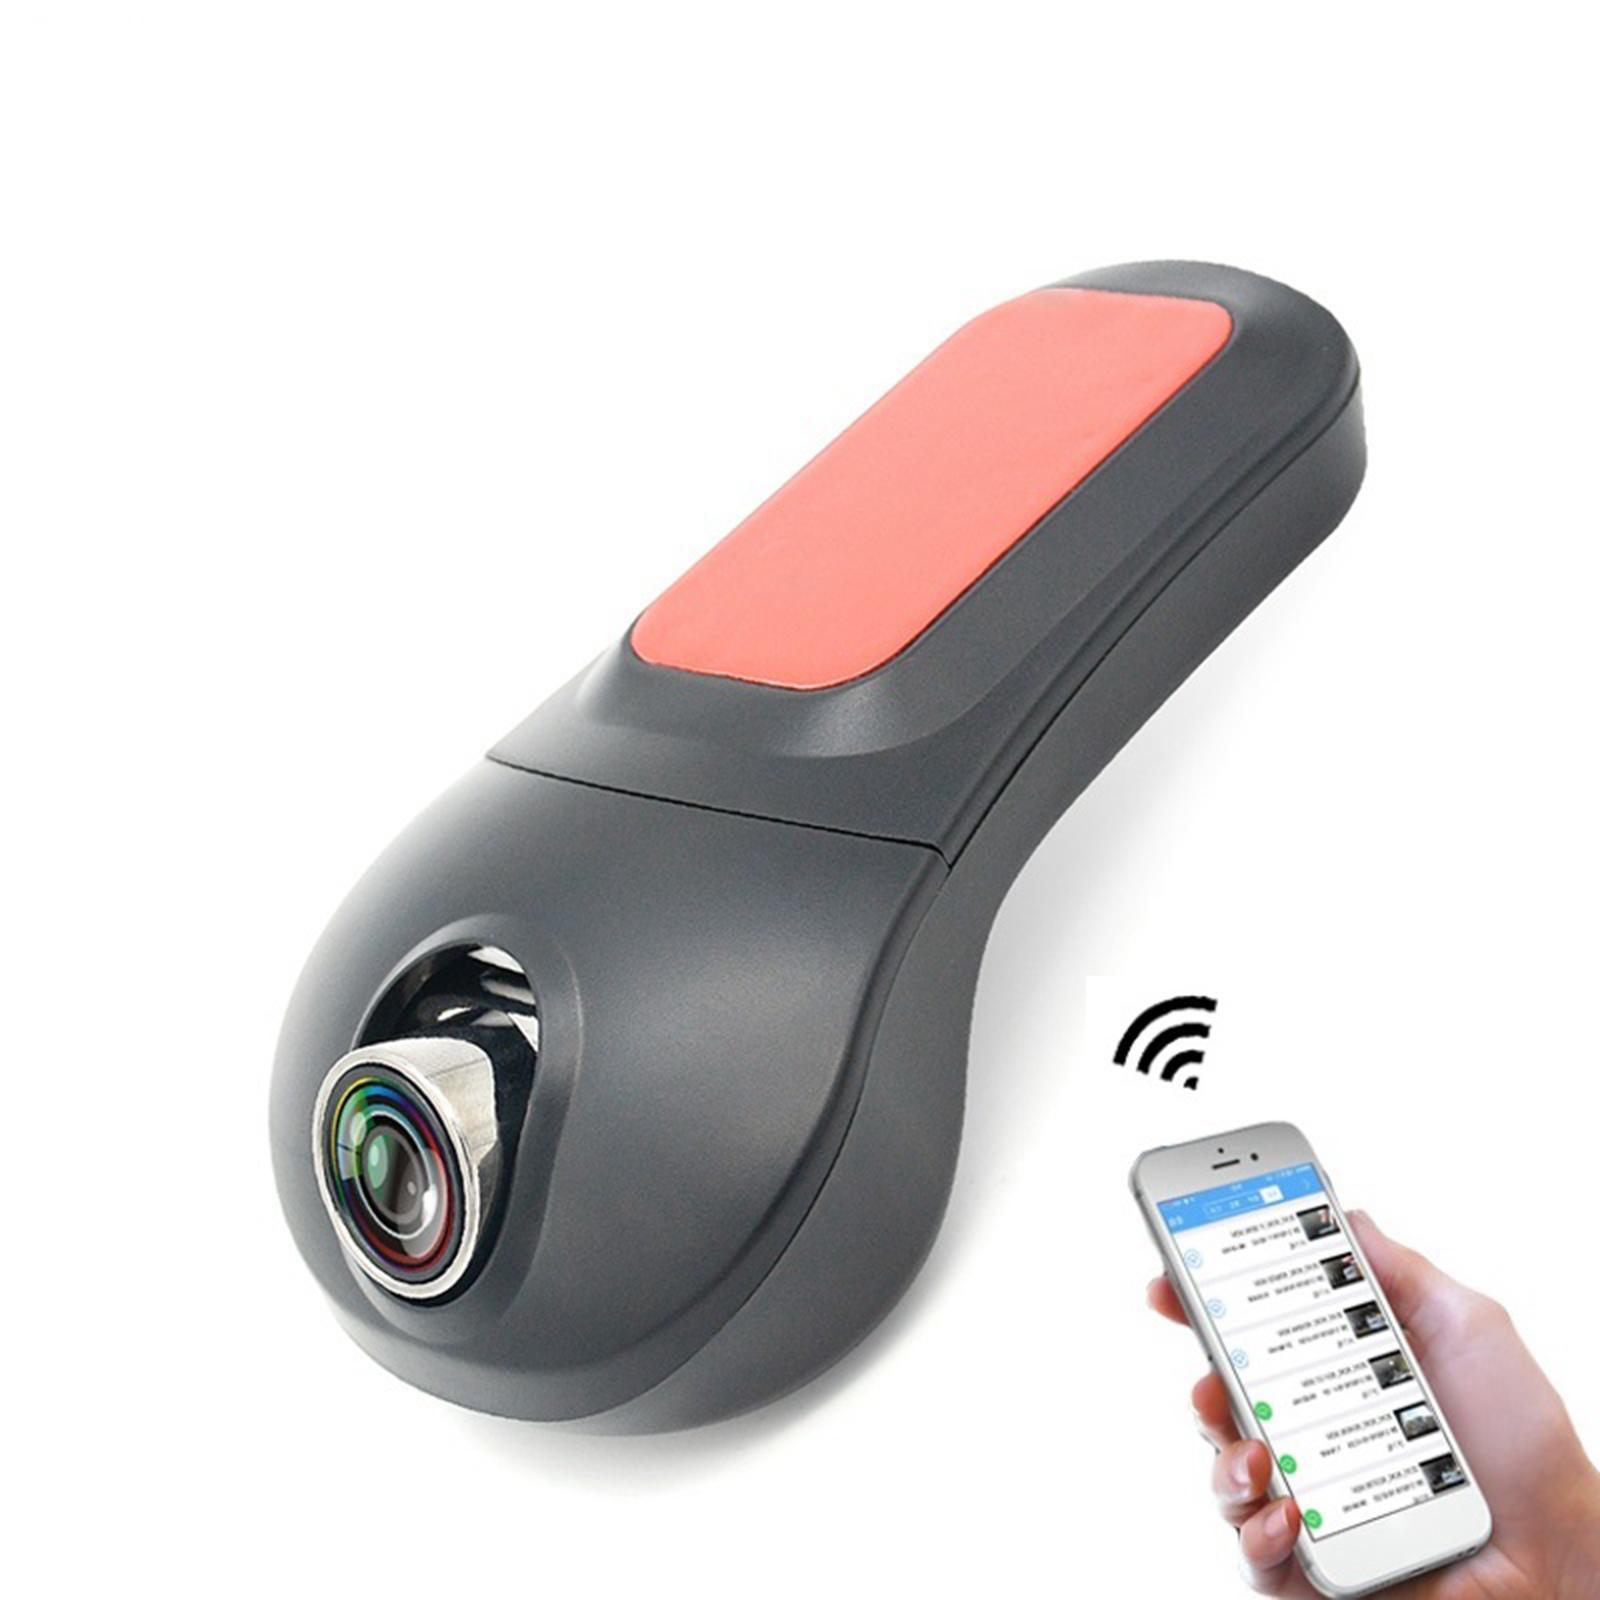 Dash Caméra pour voitures Enregistreur avec carte SD Full HD 1080P DVR Dashboard Caméra 160 ° Large angle HDR Low léger Vision nocturne Parking G-Capteur